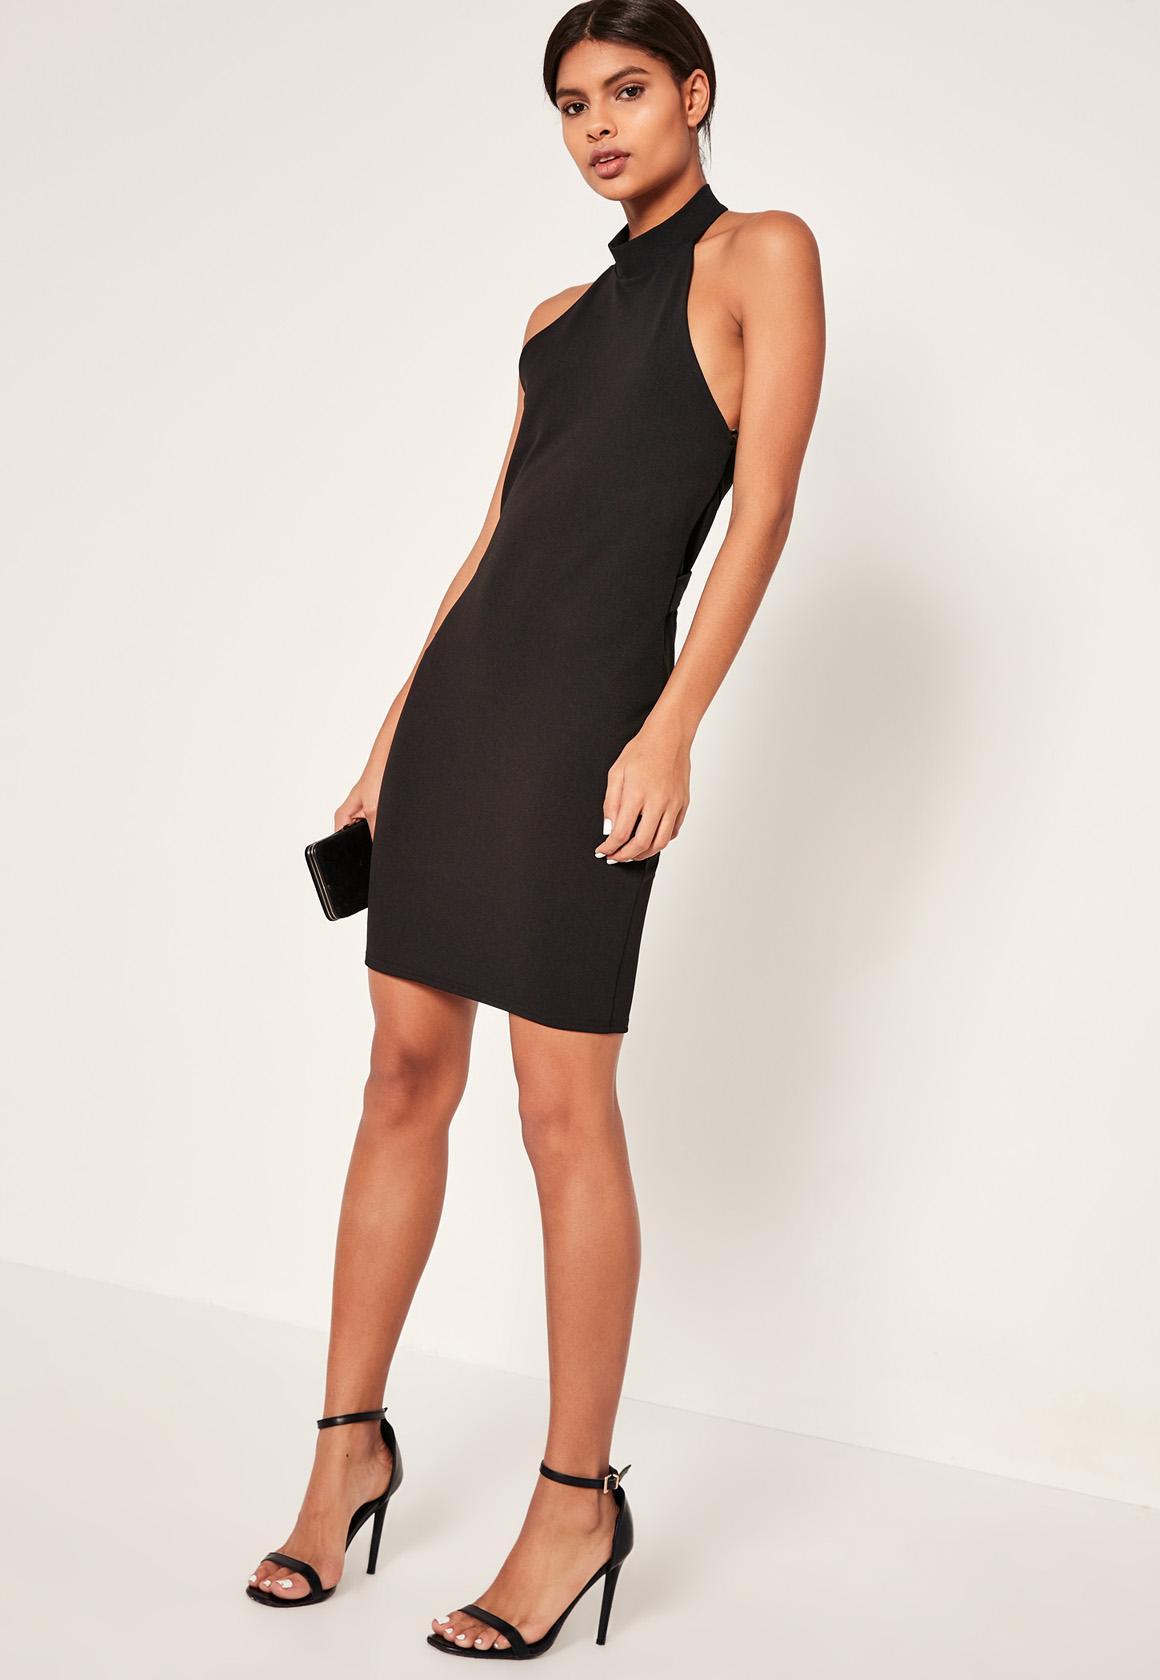 Black dress halter neck - Black Cocktail Dress Halter Neck